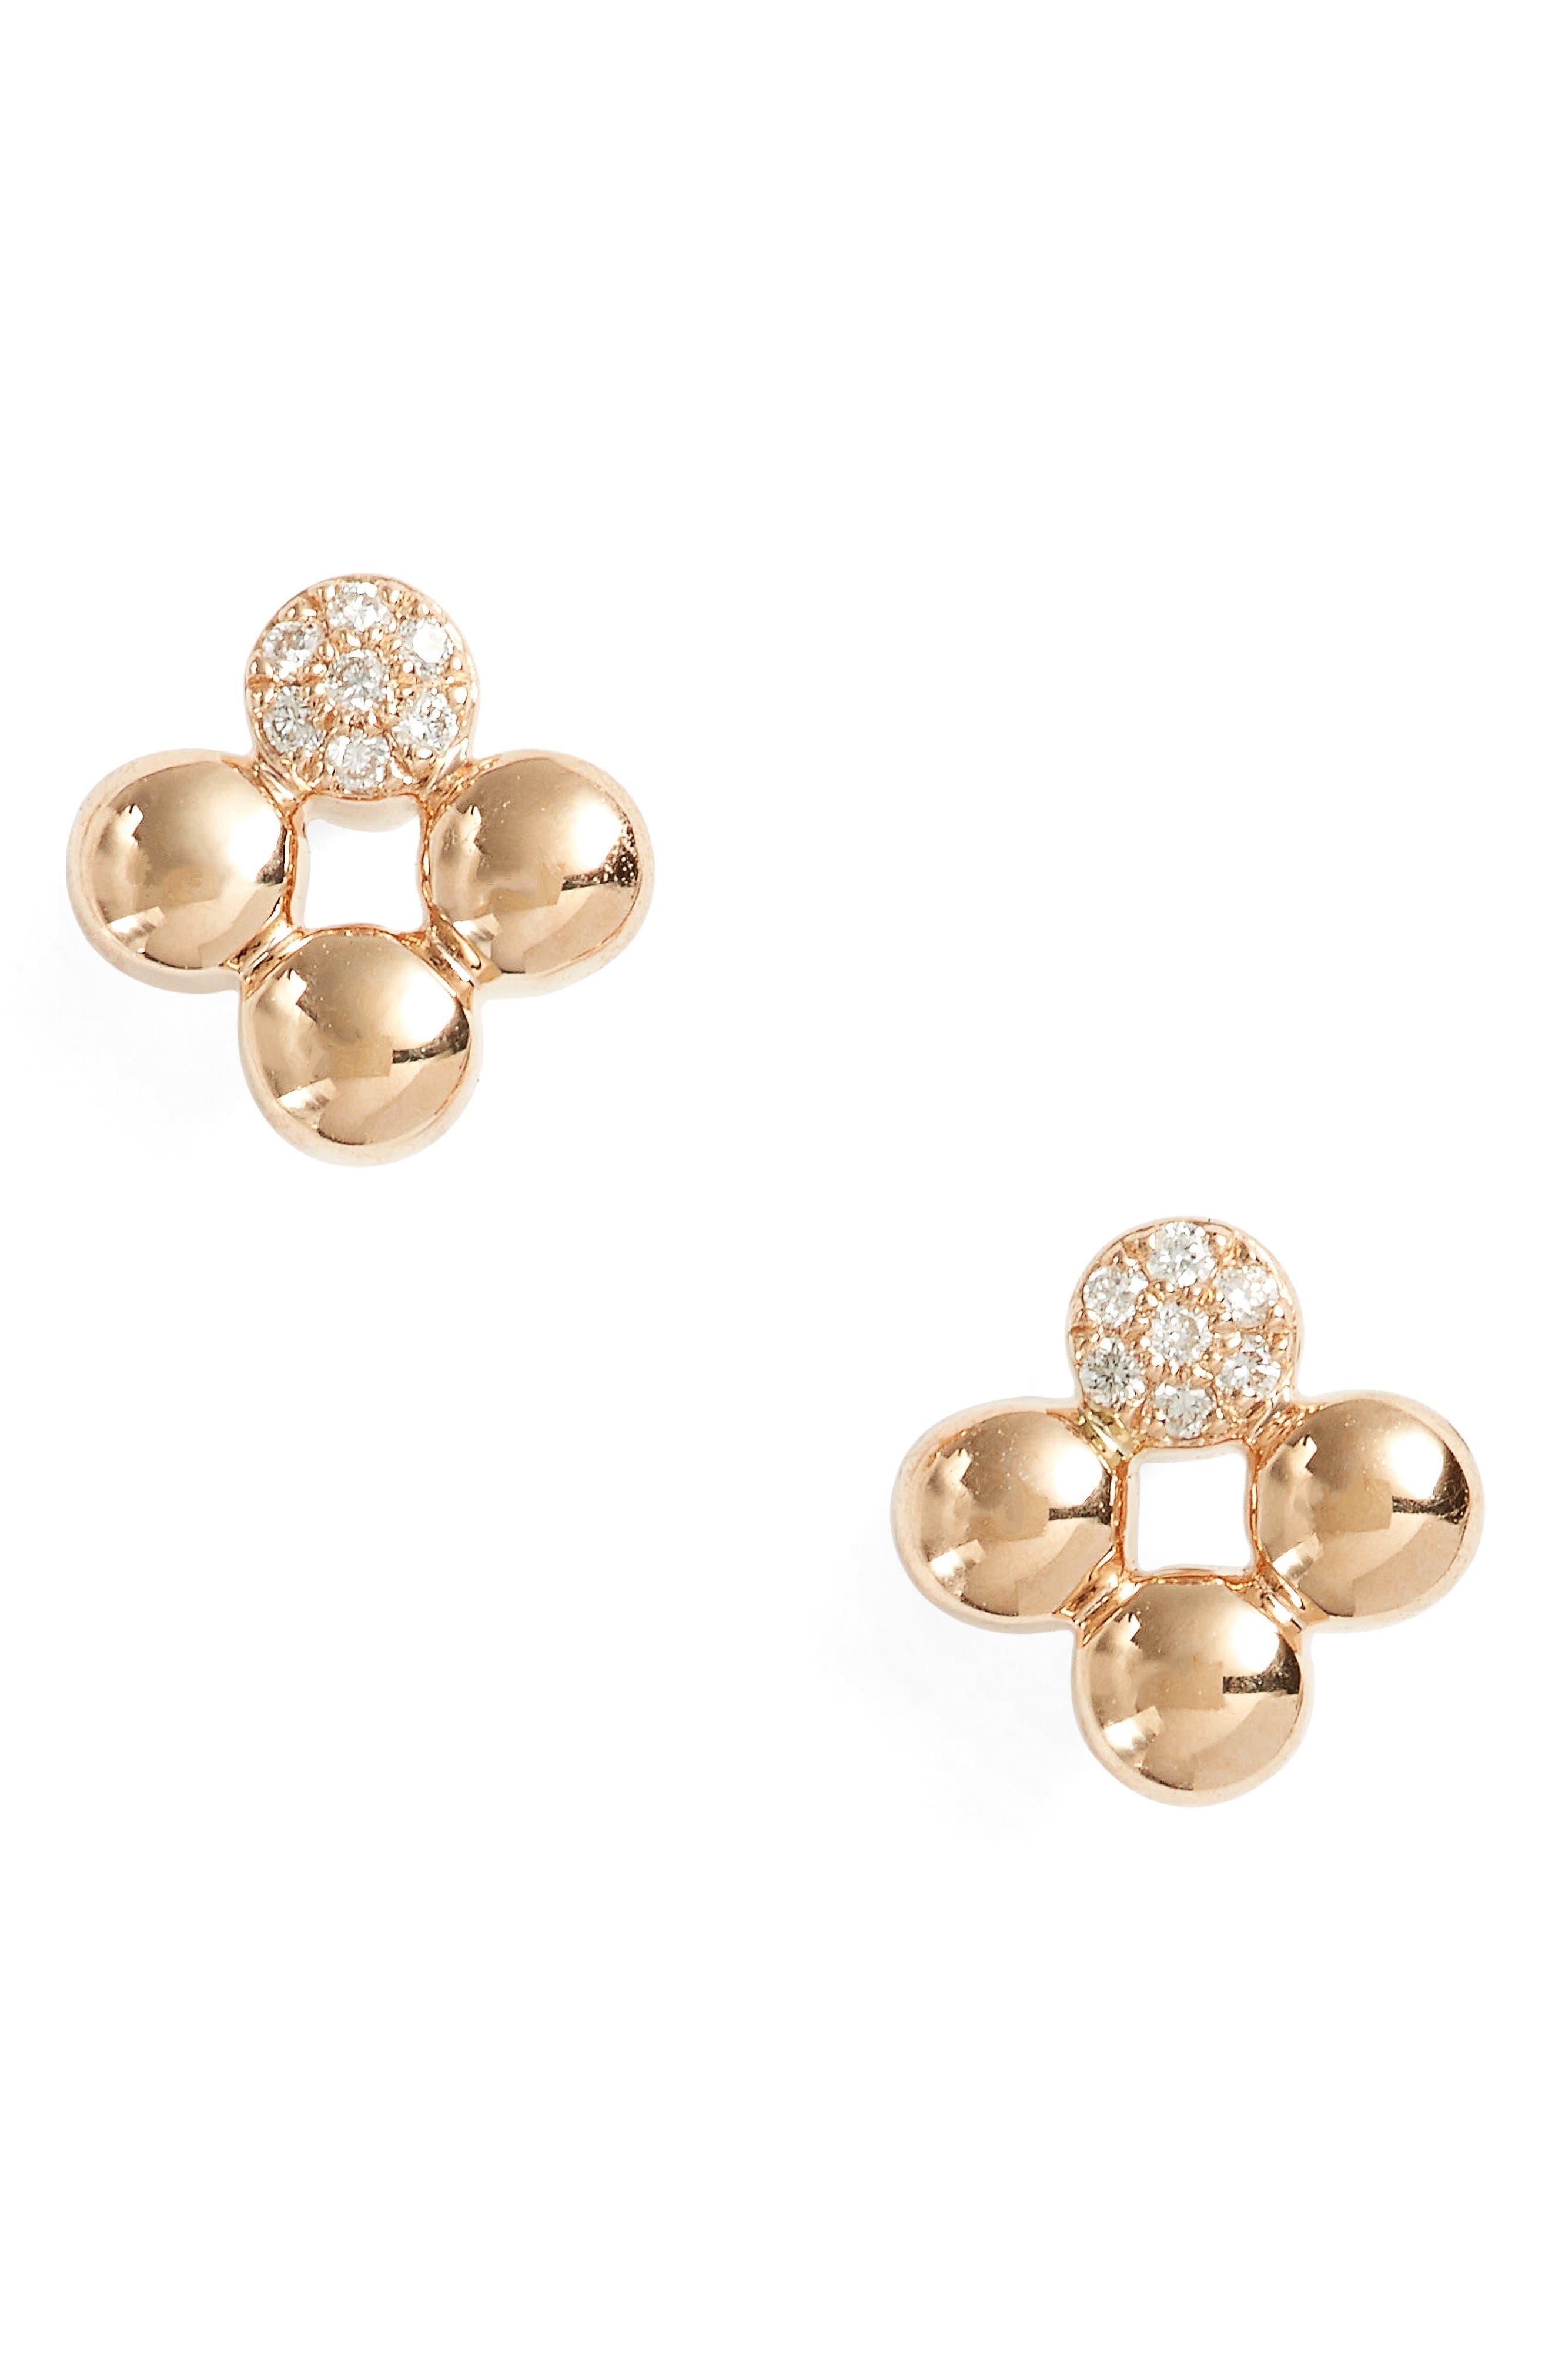 Alternate Image 1 Selected - Dana Rebecca Designs Poppy Rae Clover Diamond Stud Earrings